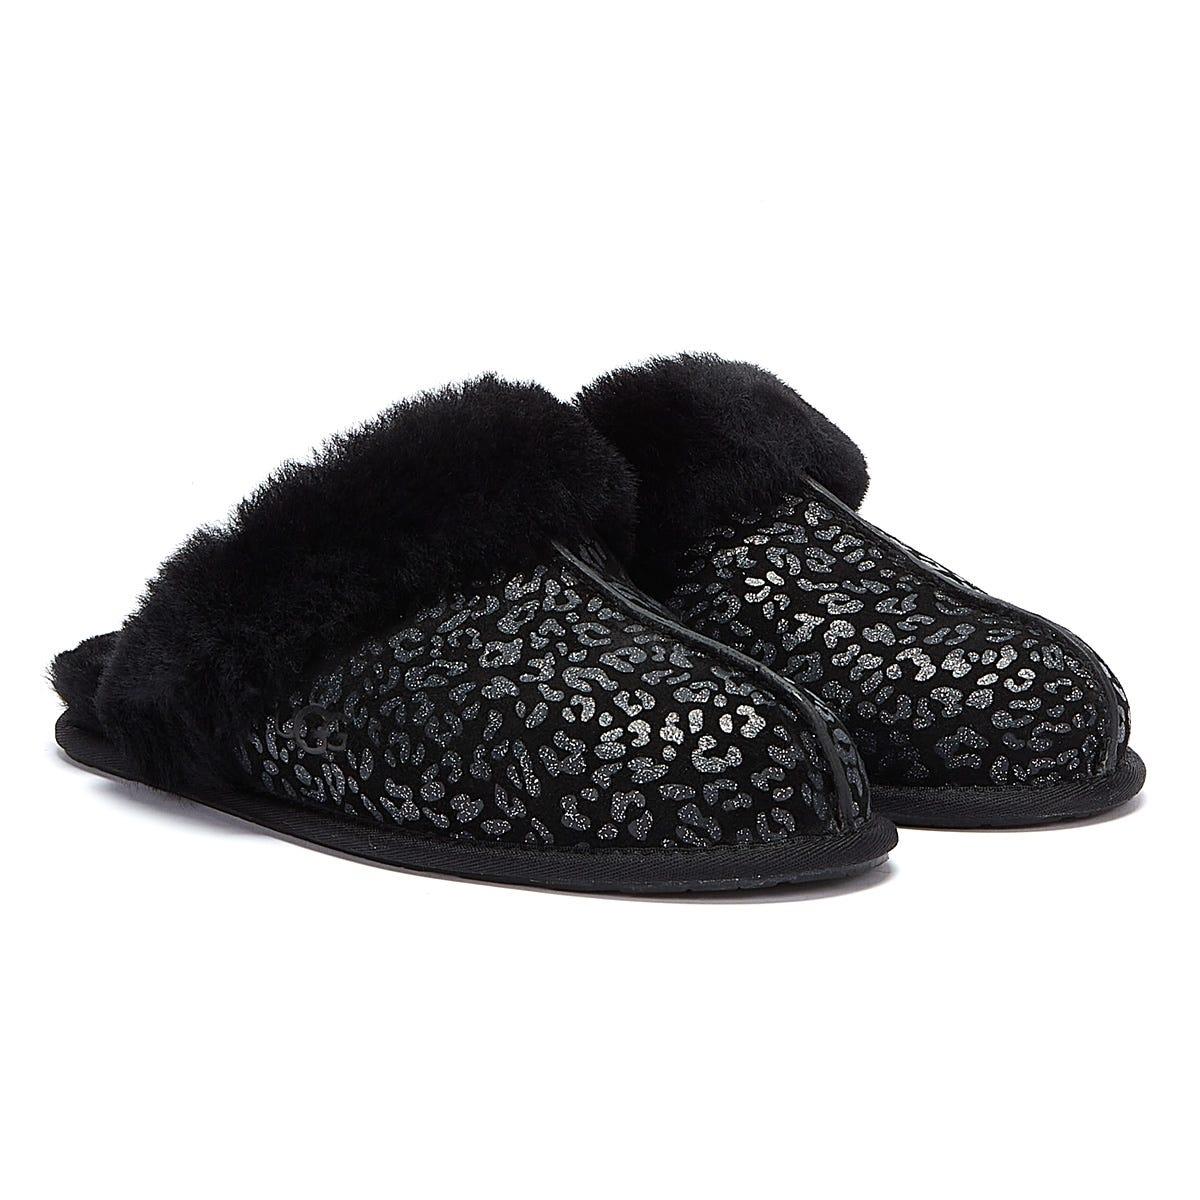 UGG Women's Scuffette Ii Snow Leopard Slippers - Black - UK 3